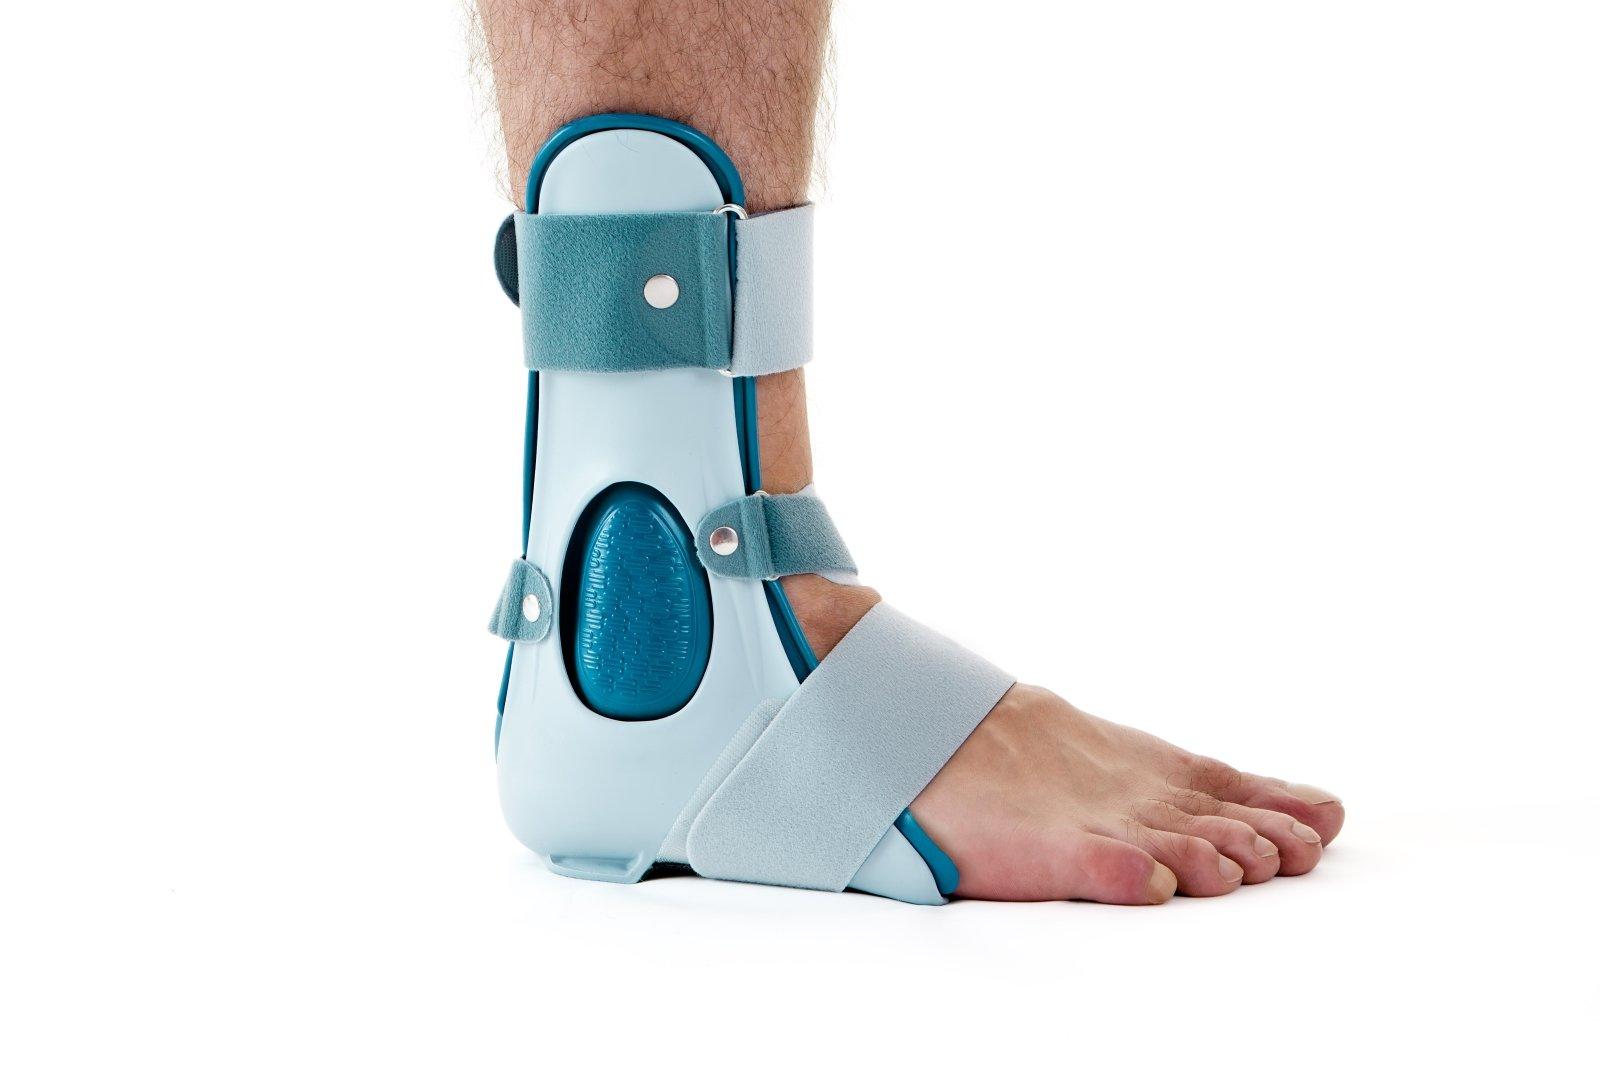 Chiudere, su, uomo, portare, sostegno, caviglia, cast, brace, assicurato, cinghie velcro